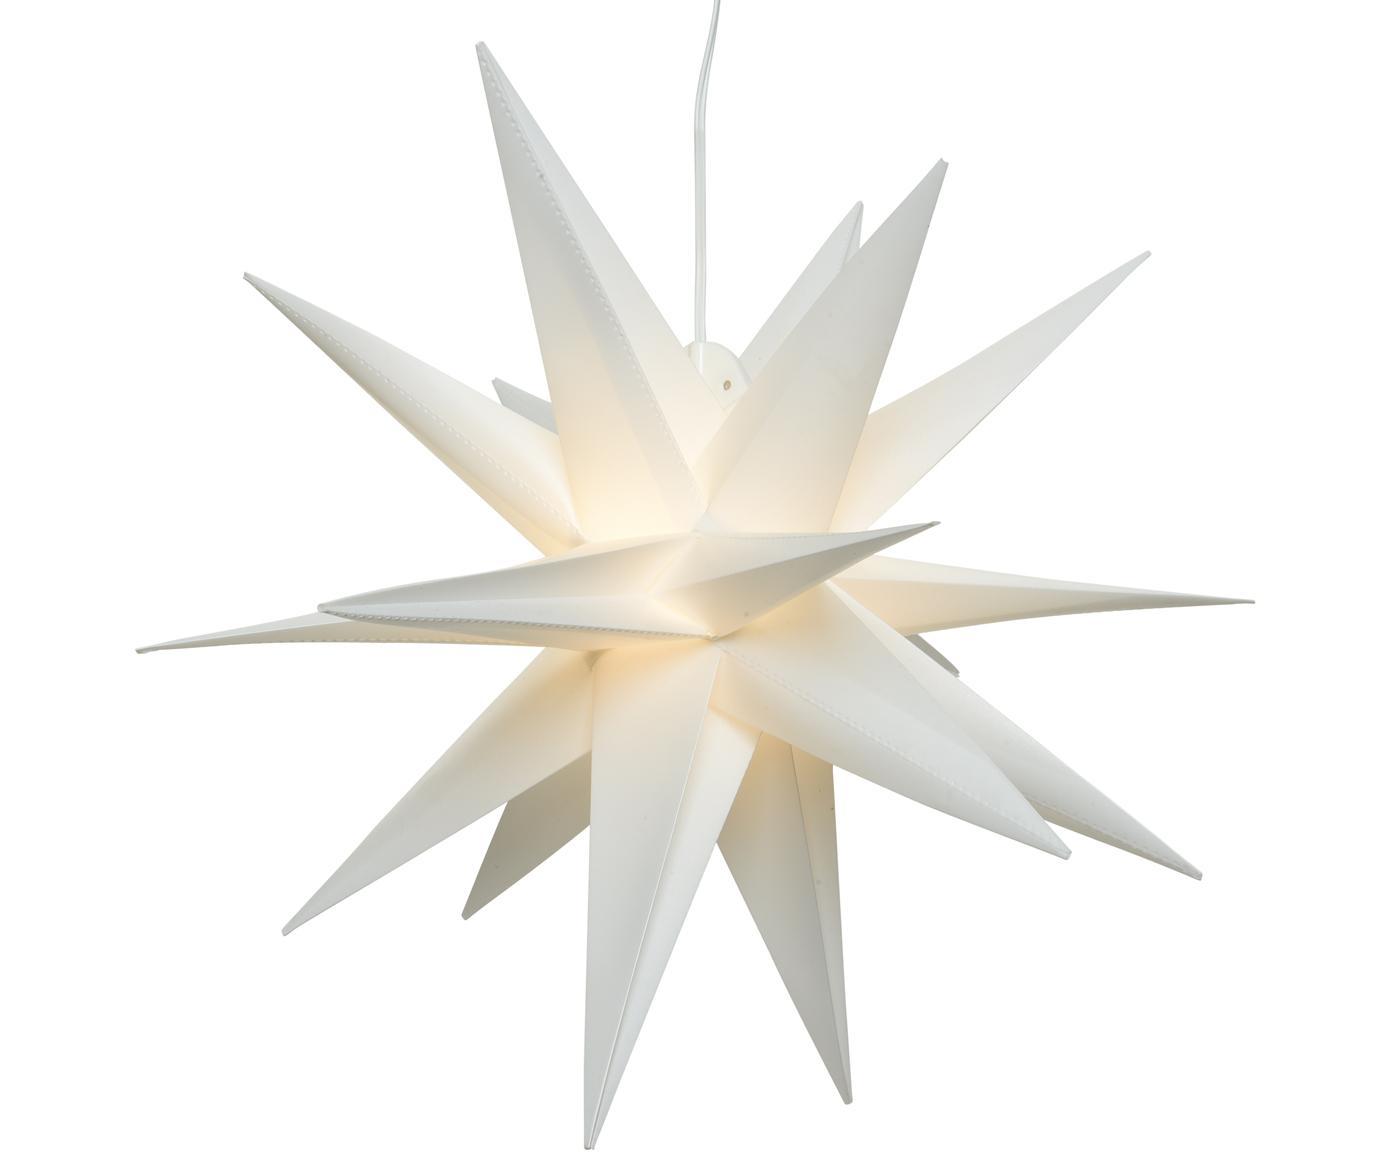 Batteriebetriebener LED Leuchtstern Zing, Weiß, Ø 30 cm